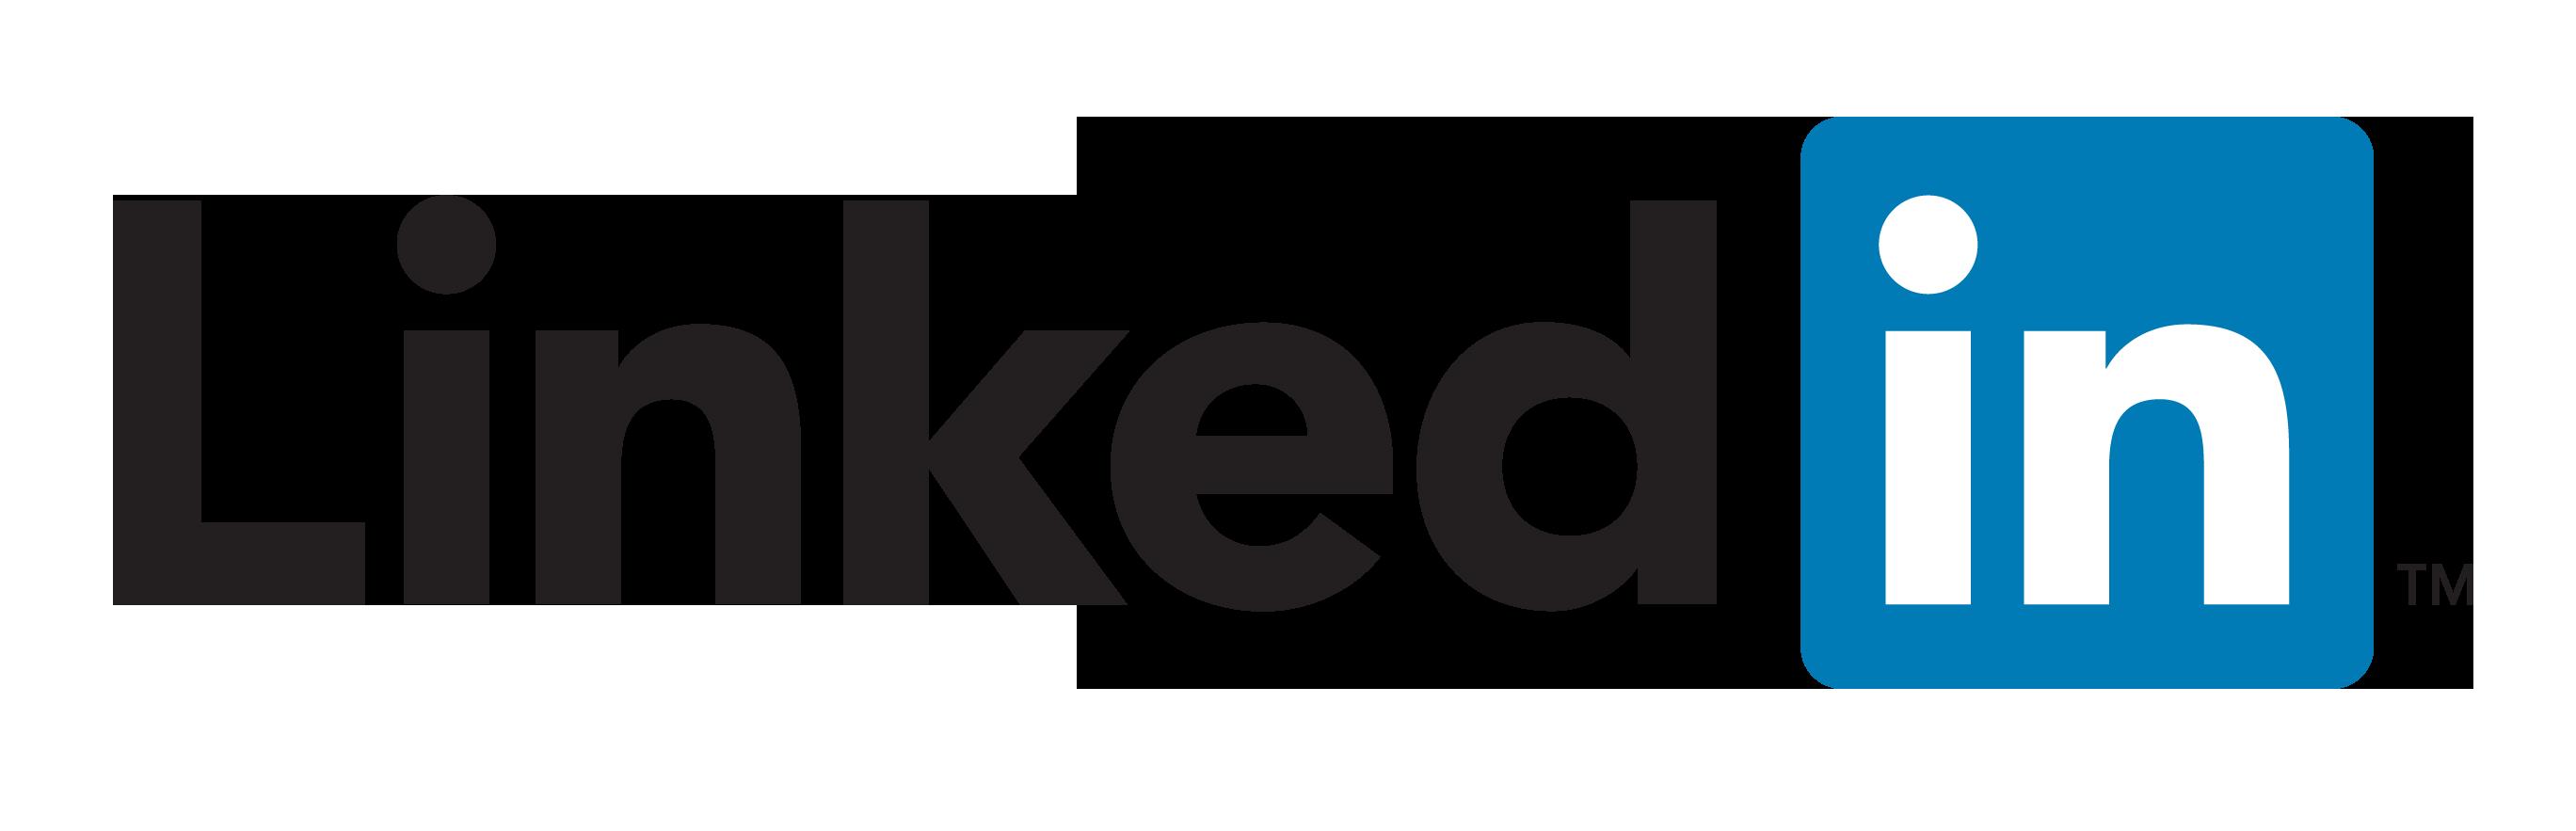 Image result for linkedin